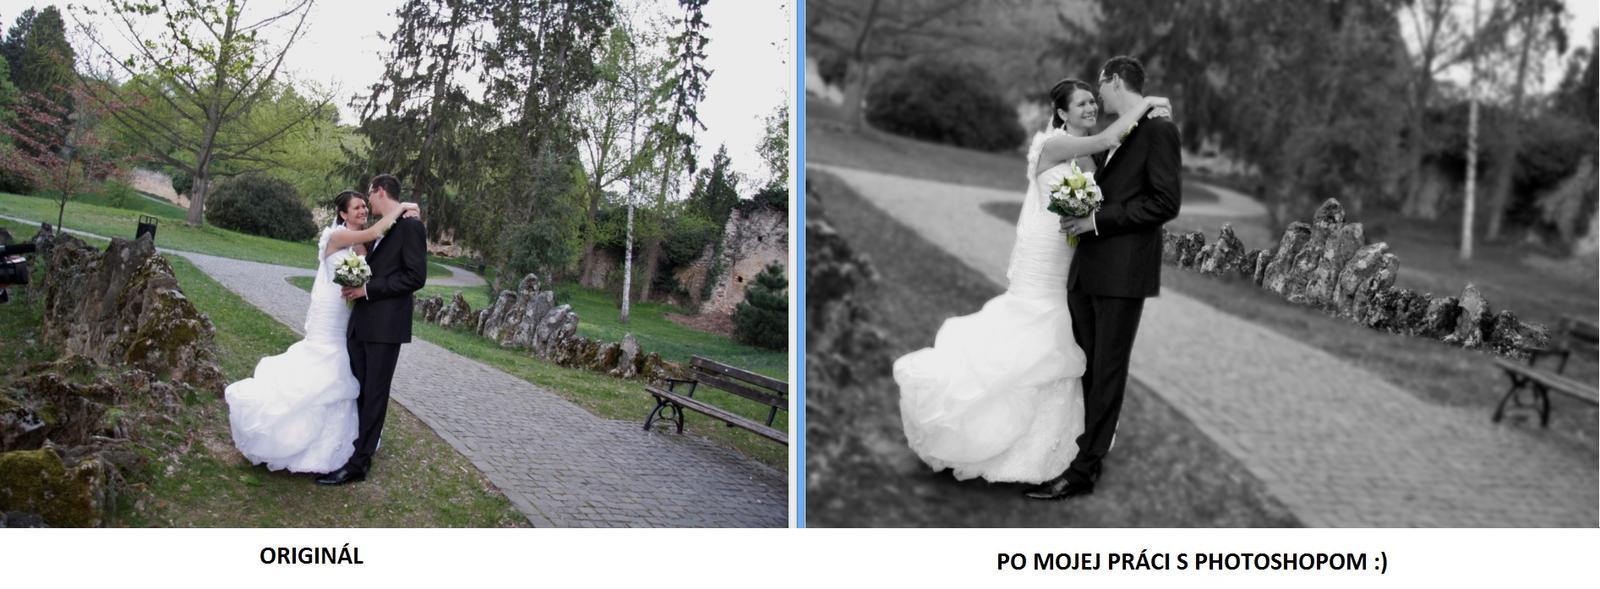 A takto to vyzeralo - učím sa pracovať s photoshopom  :)